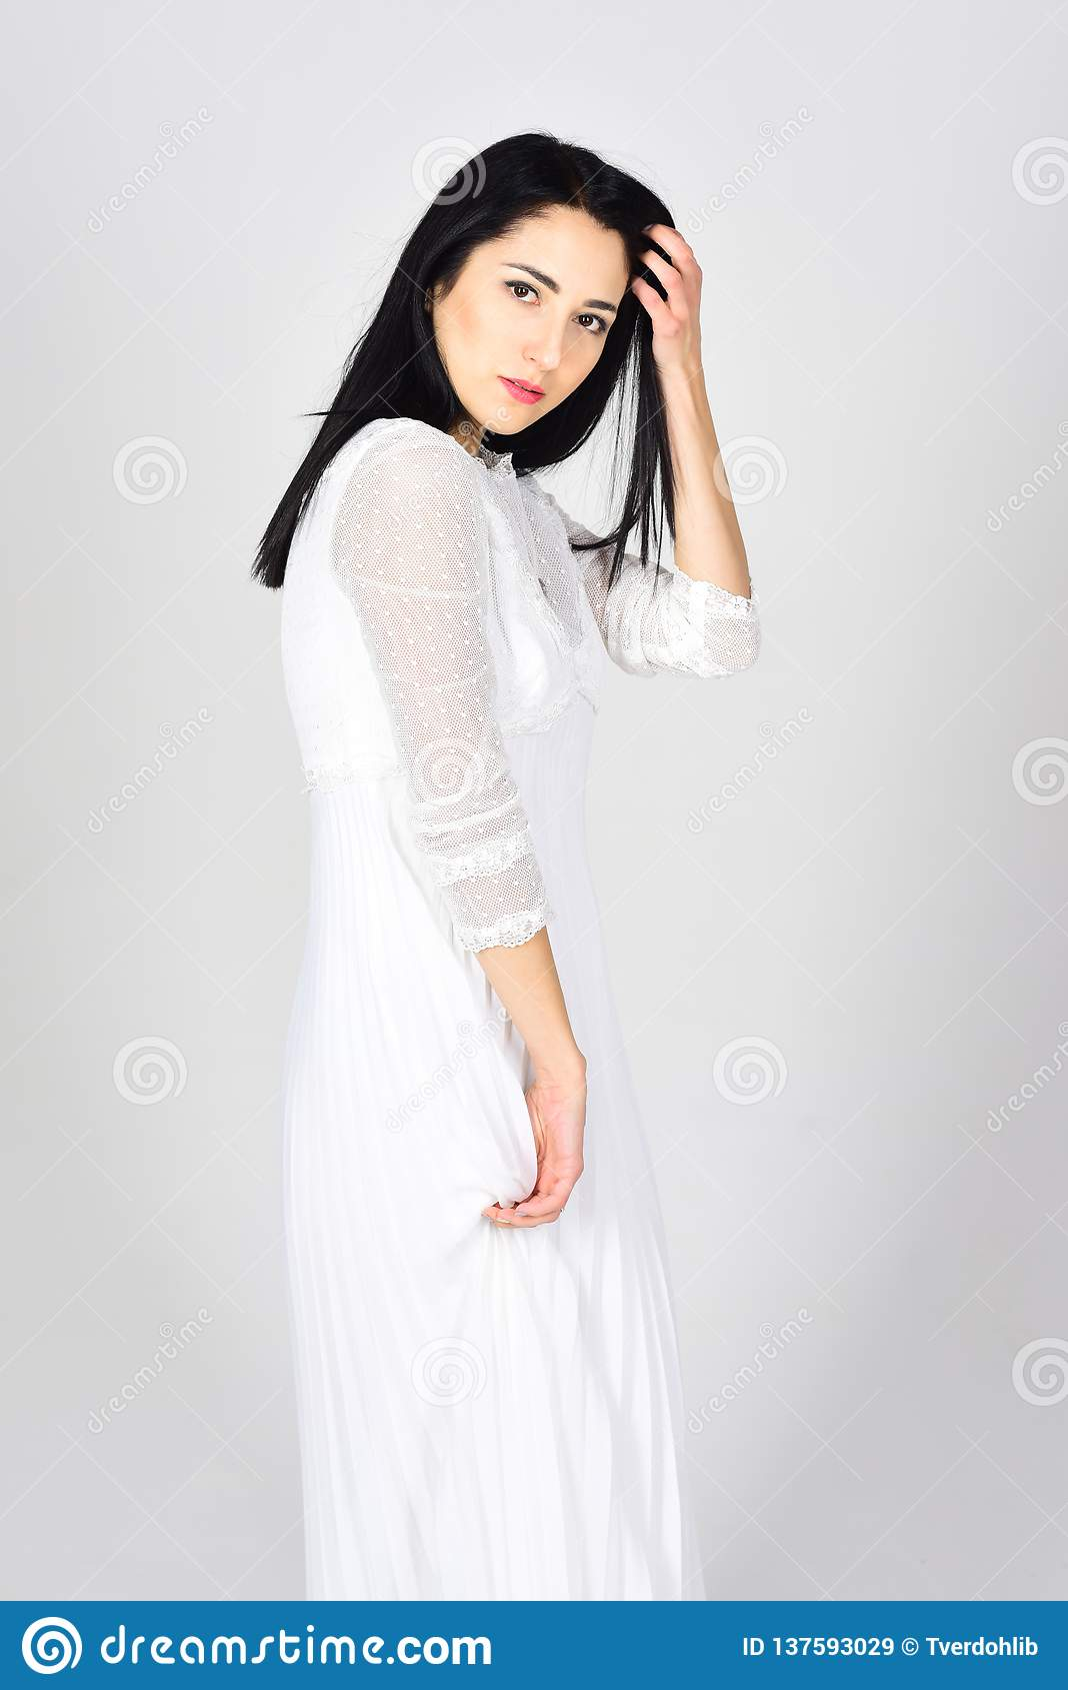 Robes de mariГ©e et coiffure dans un salon